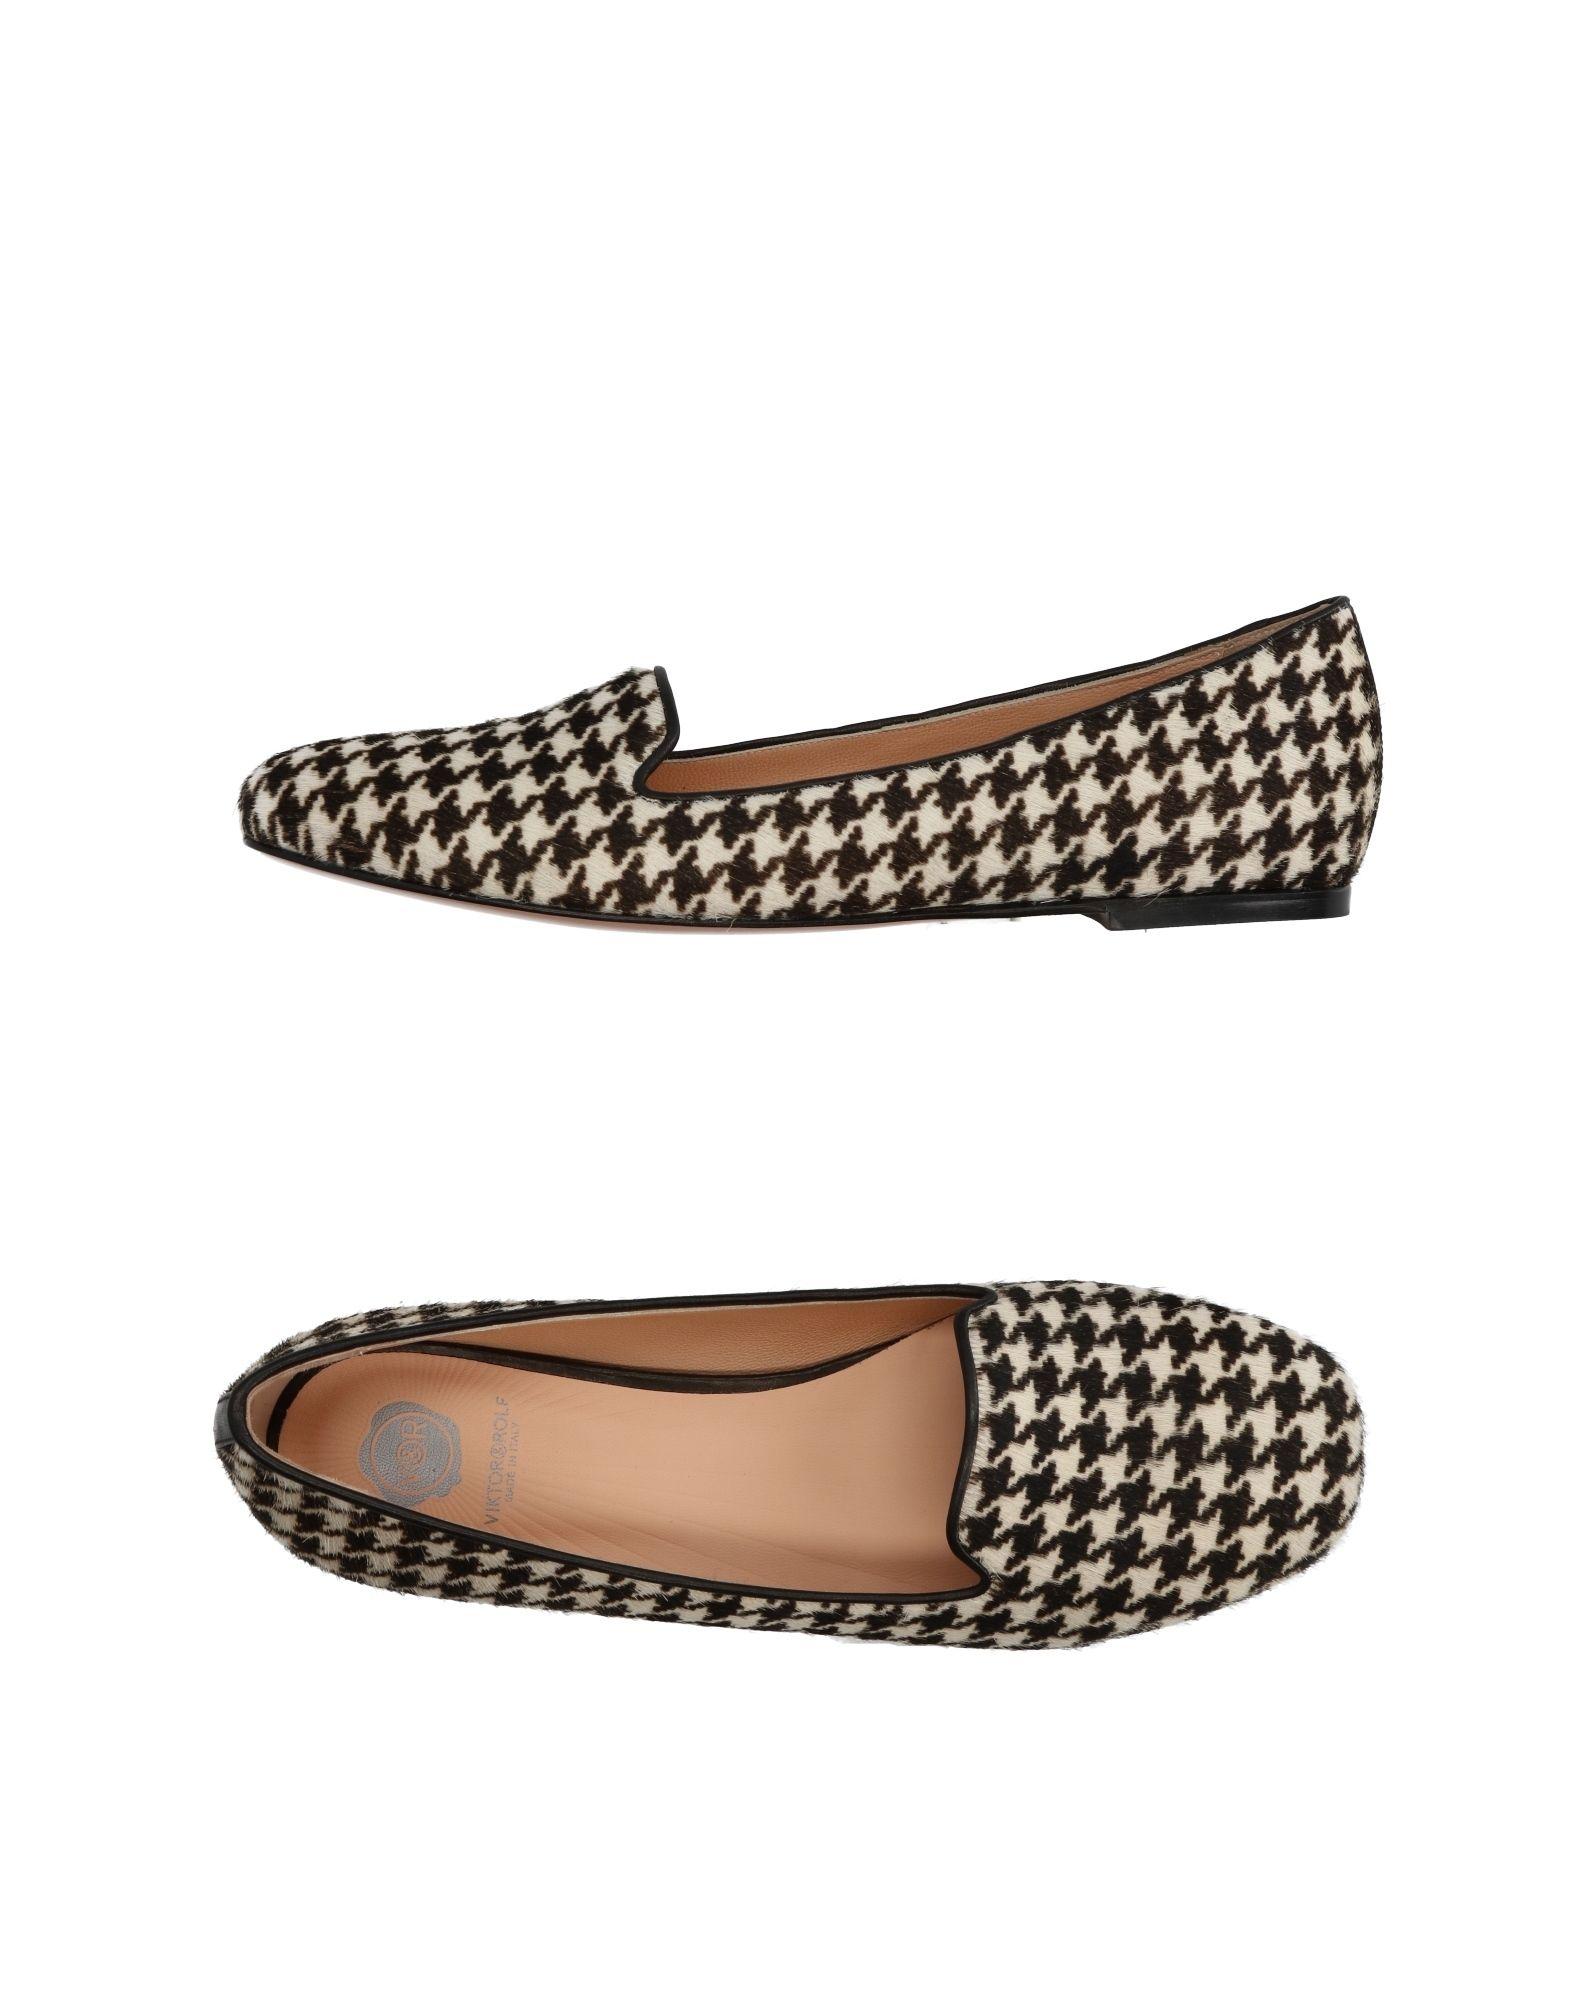 Stilvolle billige Schuhe Viktor  & Rolf Mokassins Damen  Viktor 11290643HO 0ae9a0